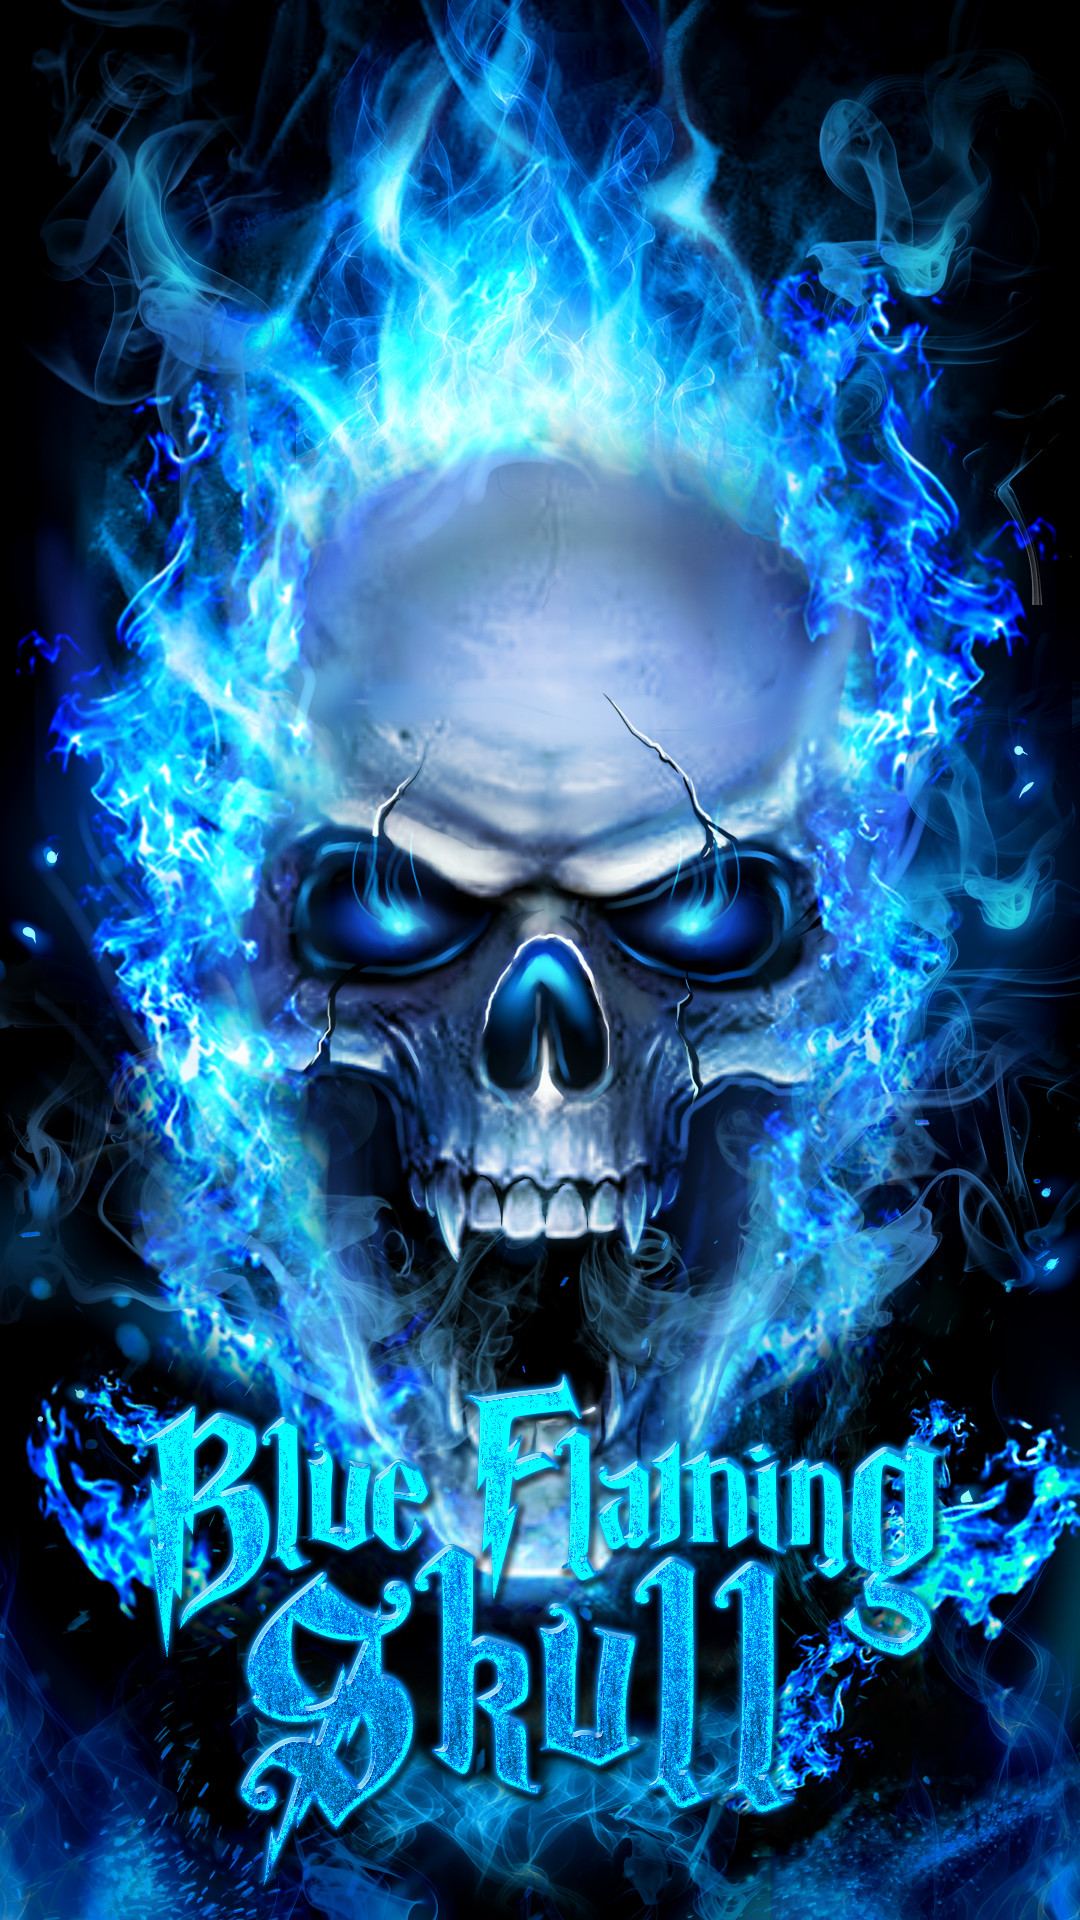 Flaming skull wallpaper 59 images - Skeleton wallpaper ...